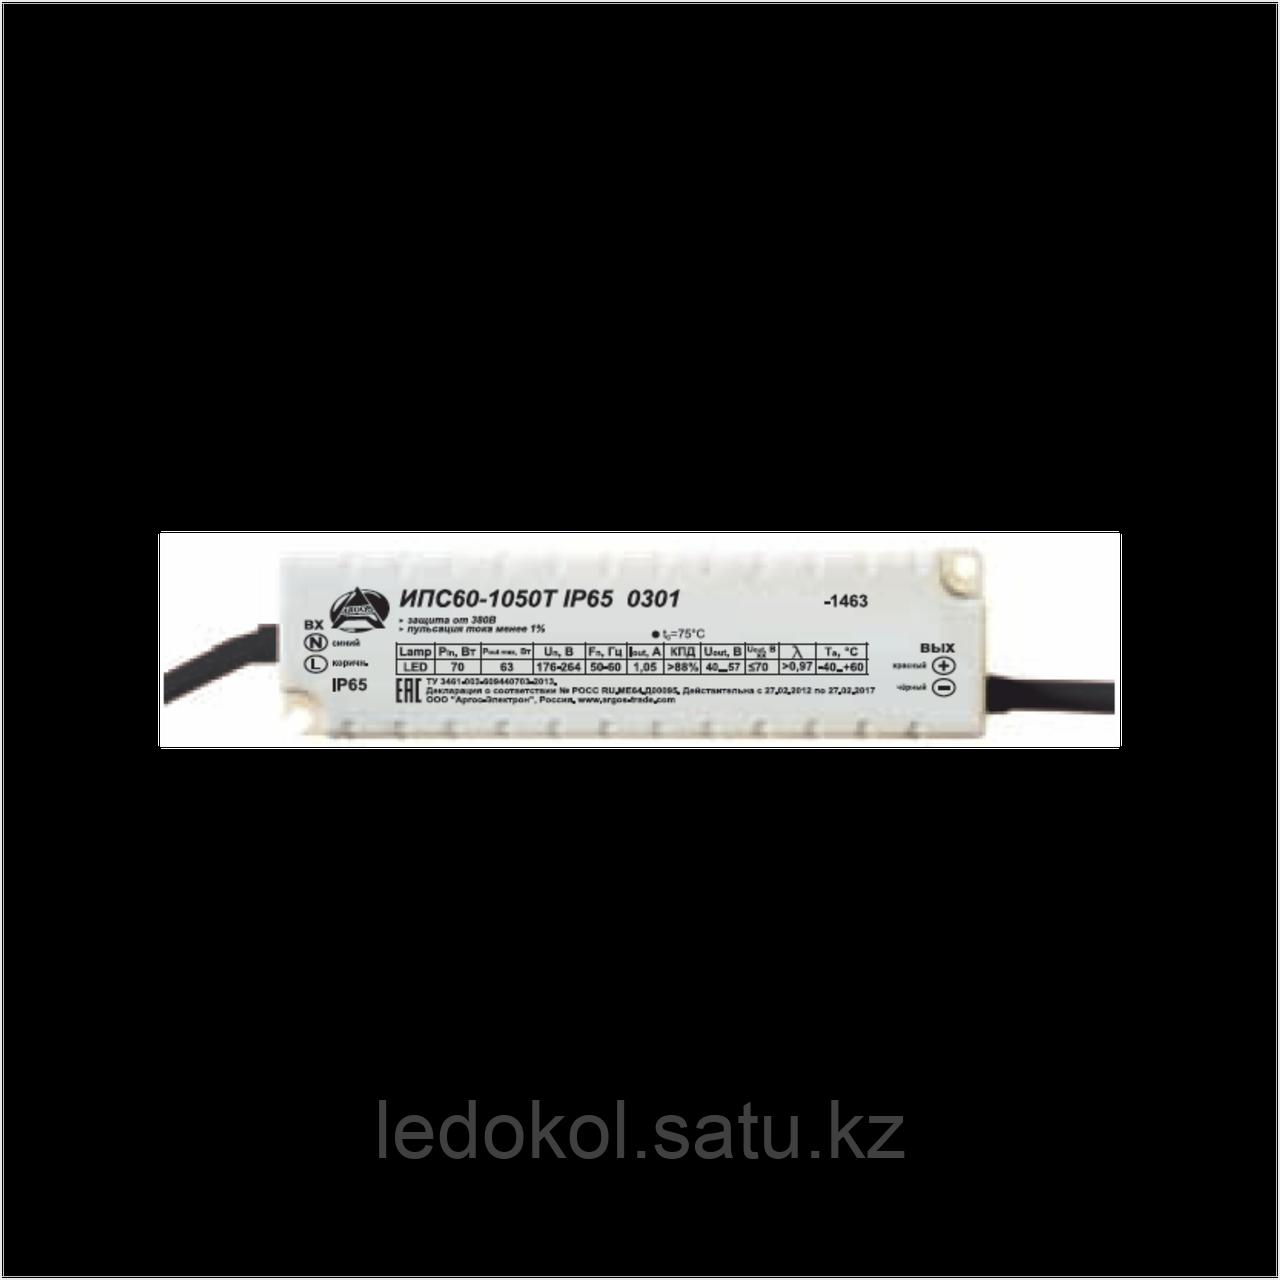 Источник питания Аргос ИПС60-700Т IP67 0300